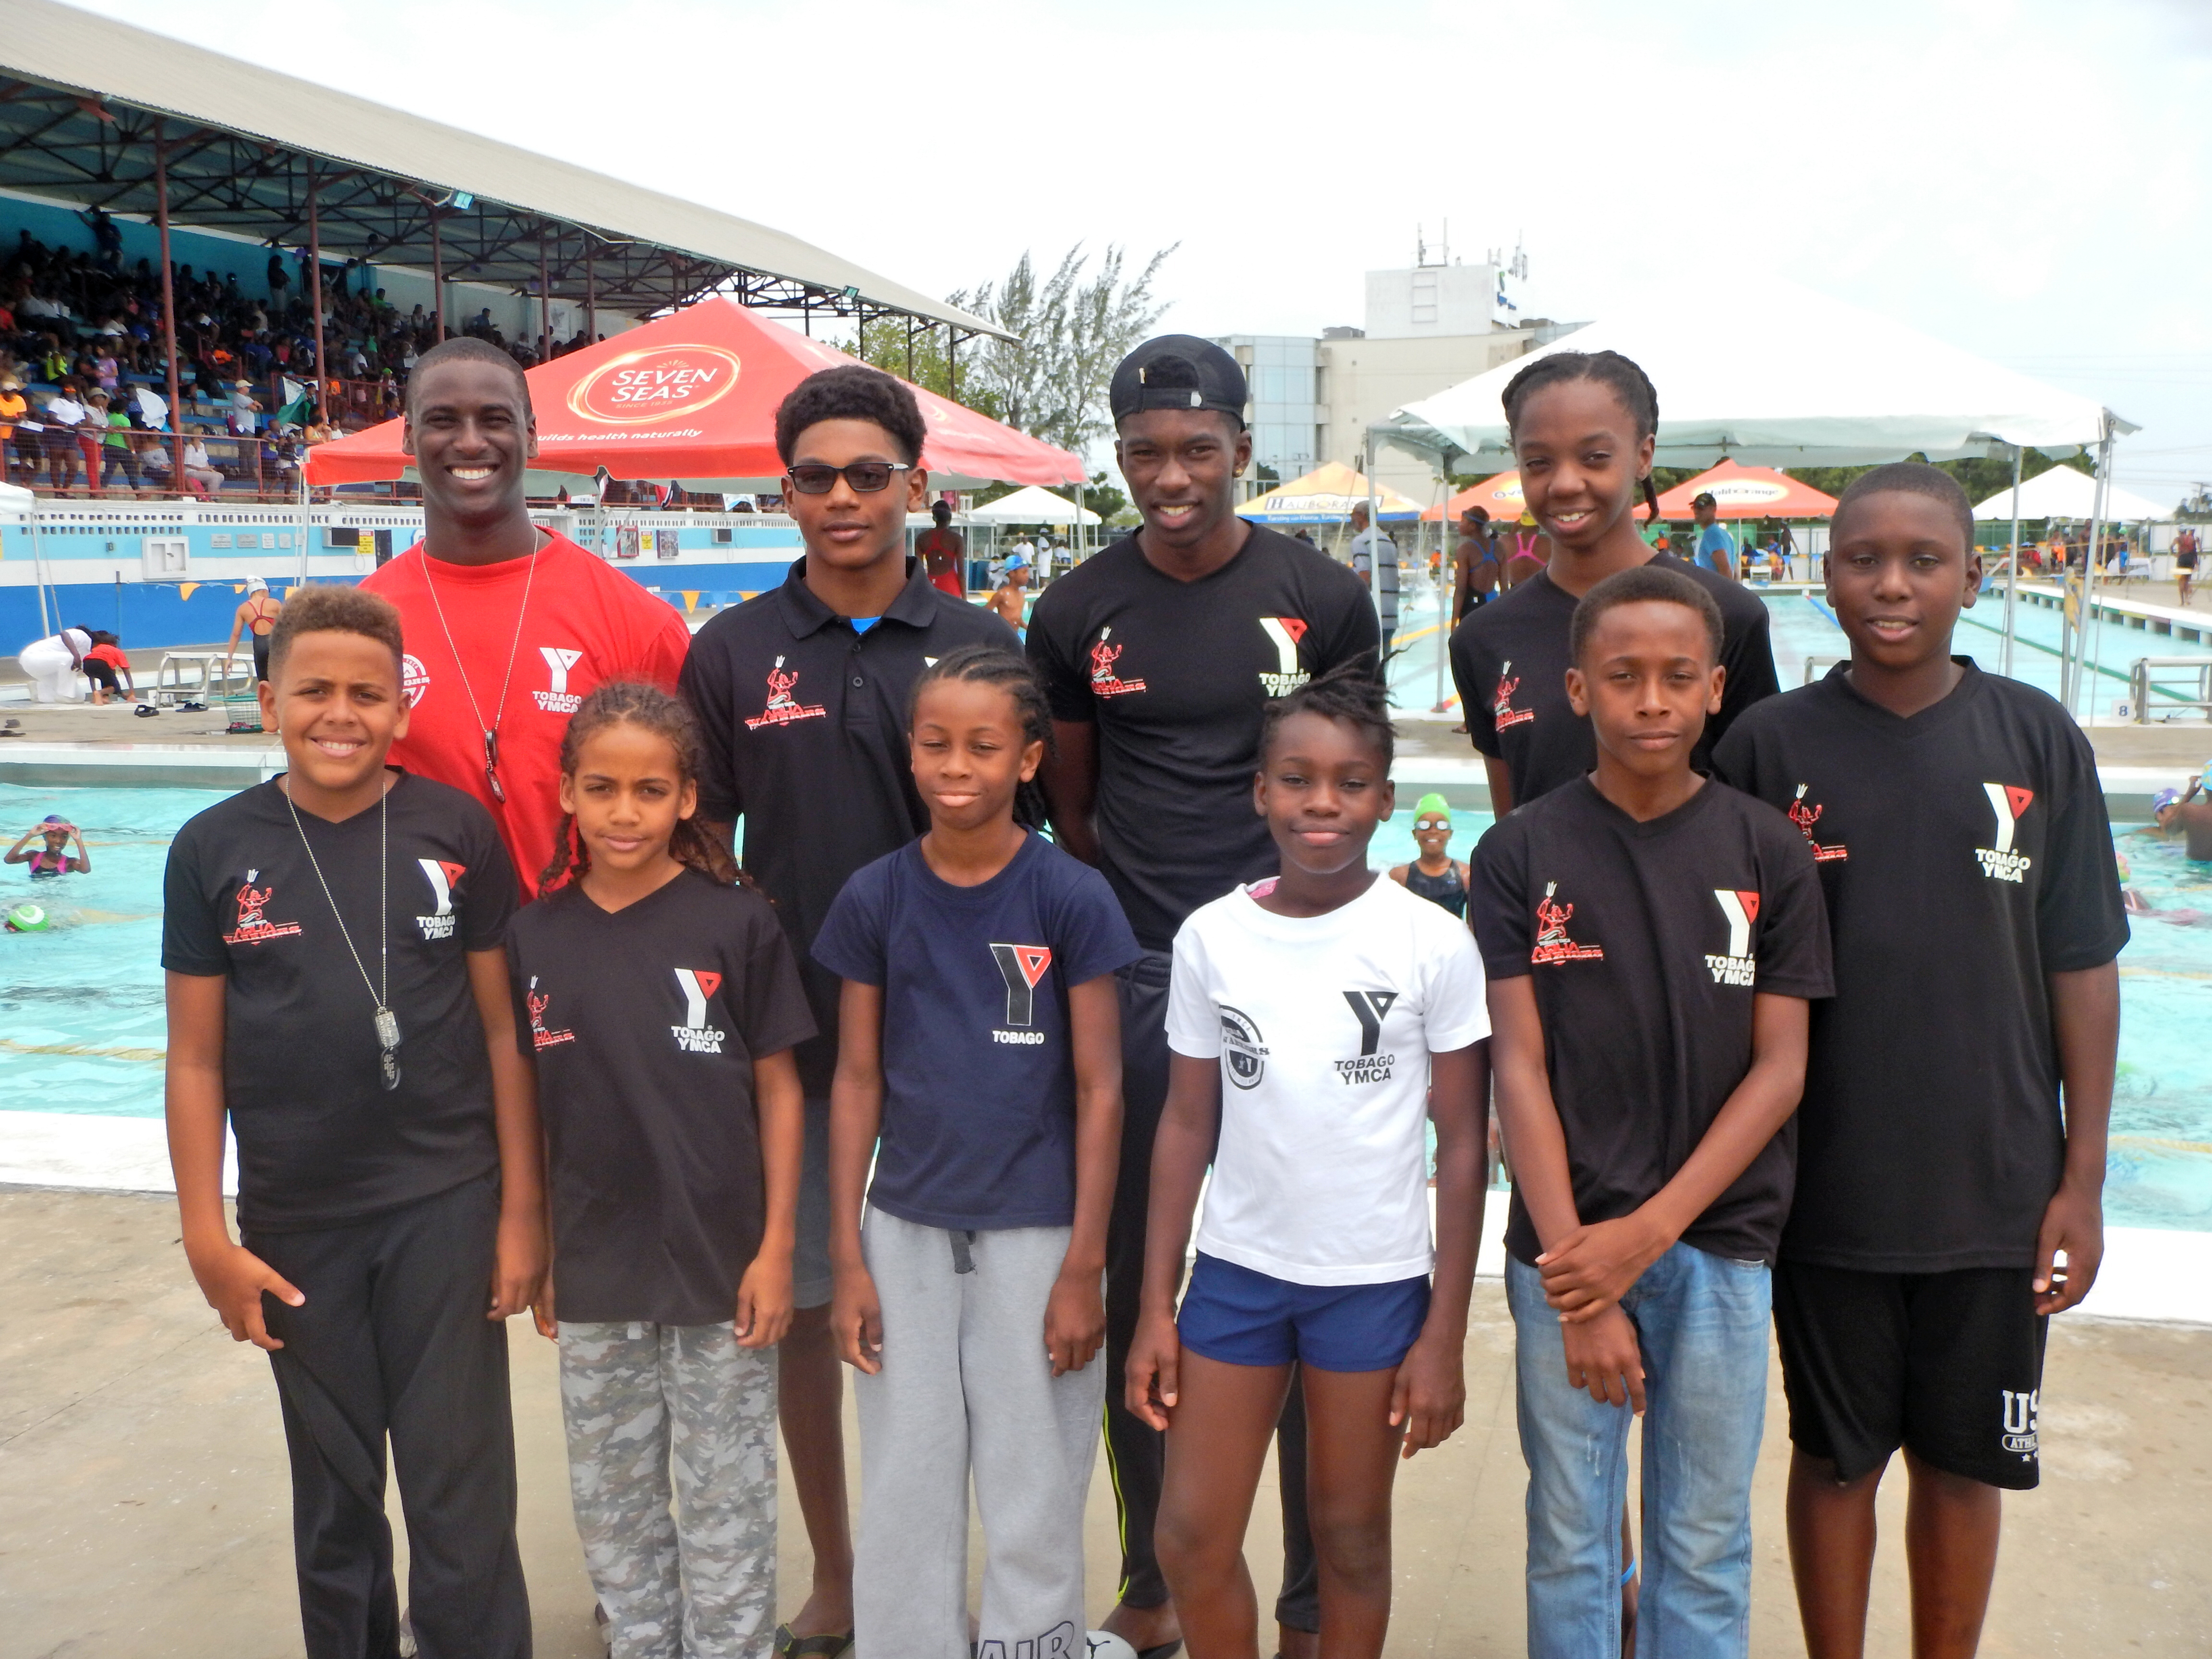 Barbados YMCA Team